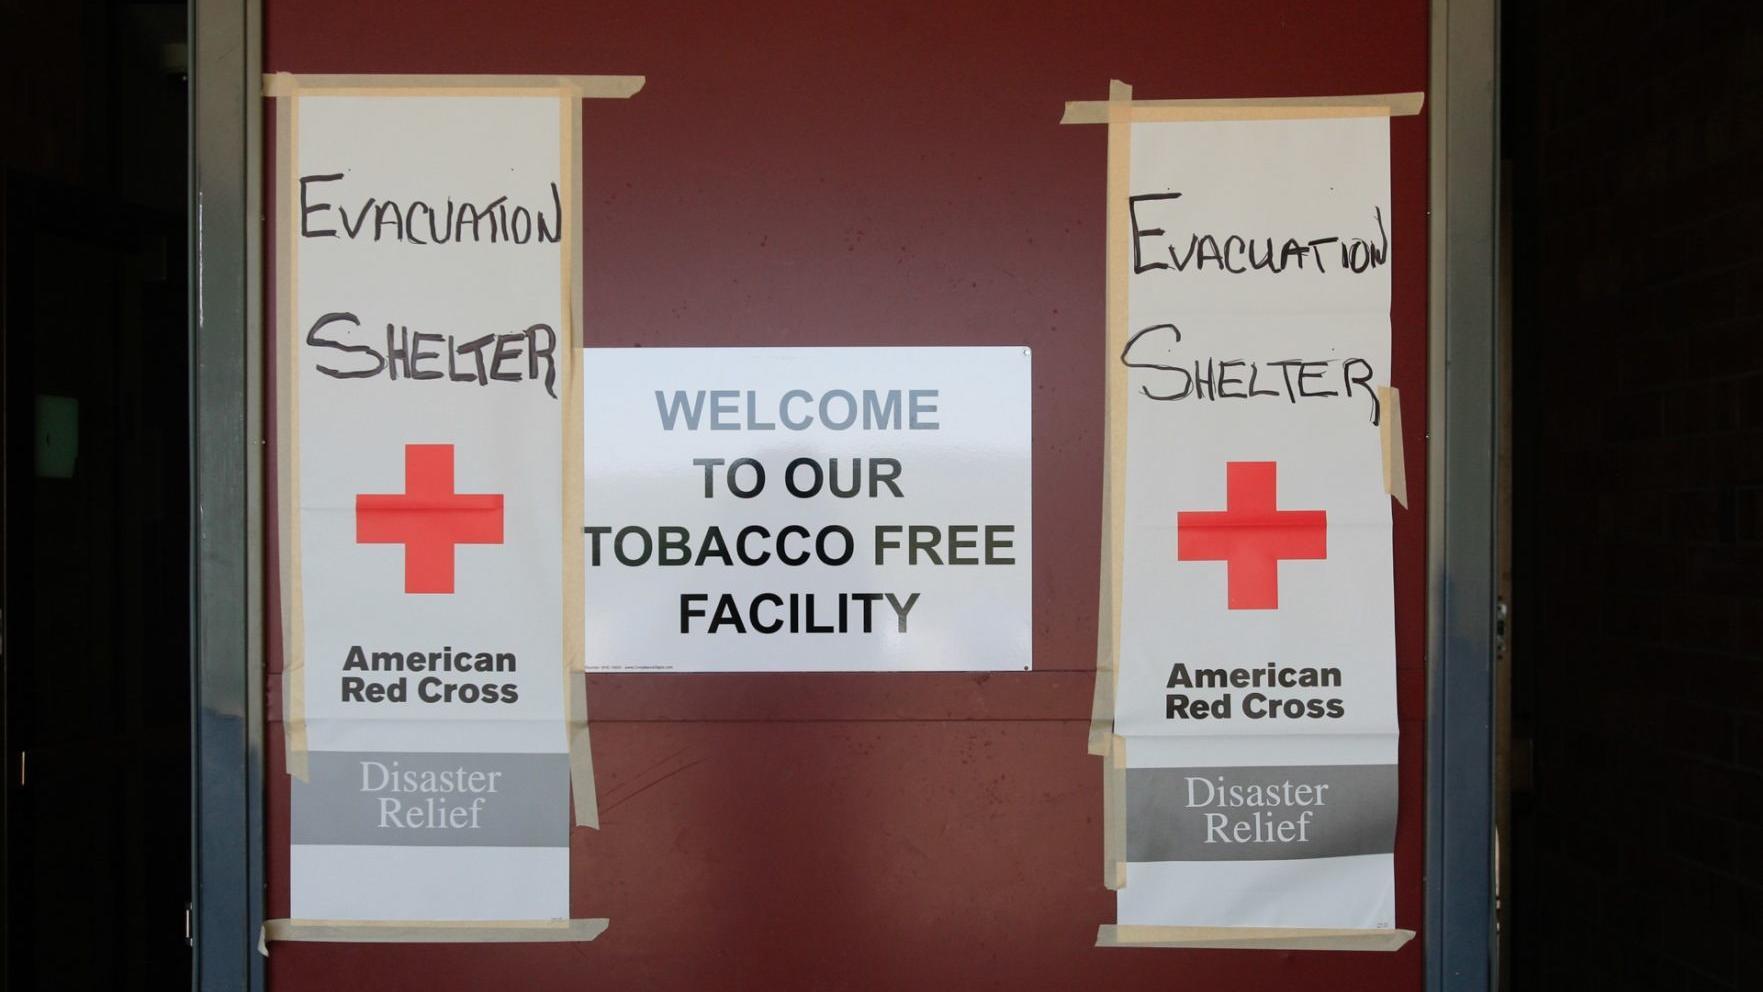 Red Cross seeks volunteers to help respond to local disasters